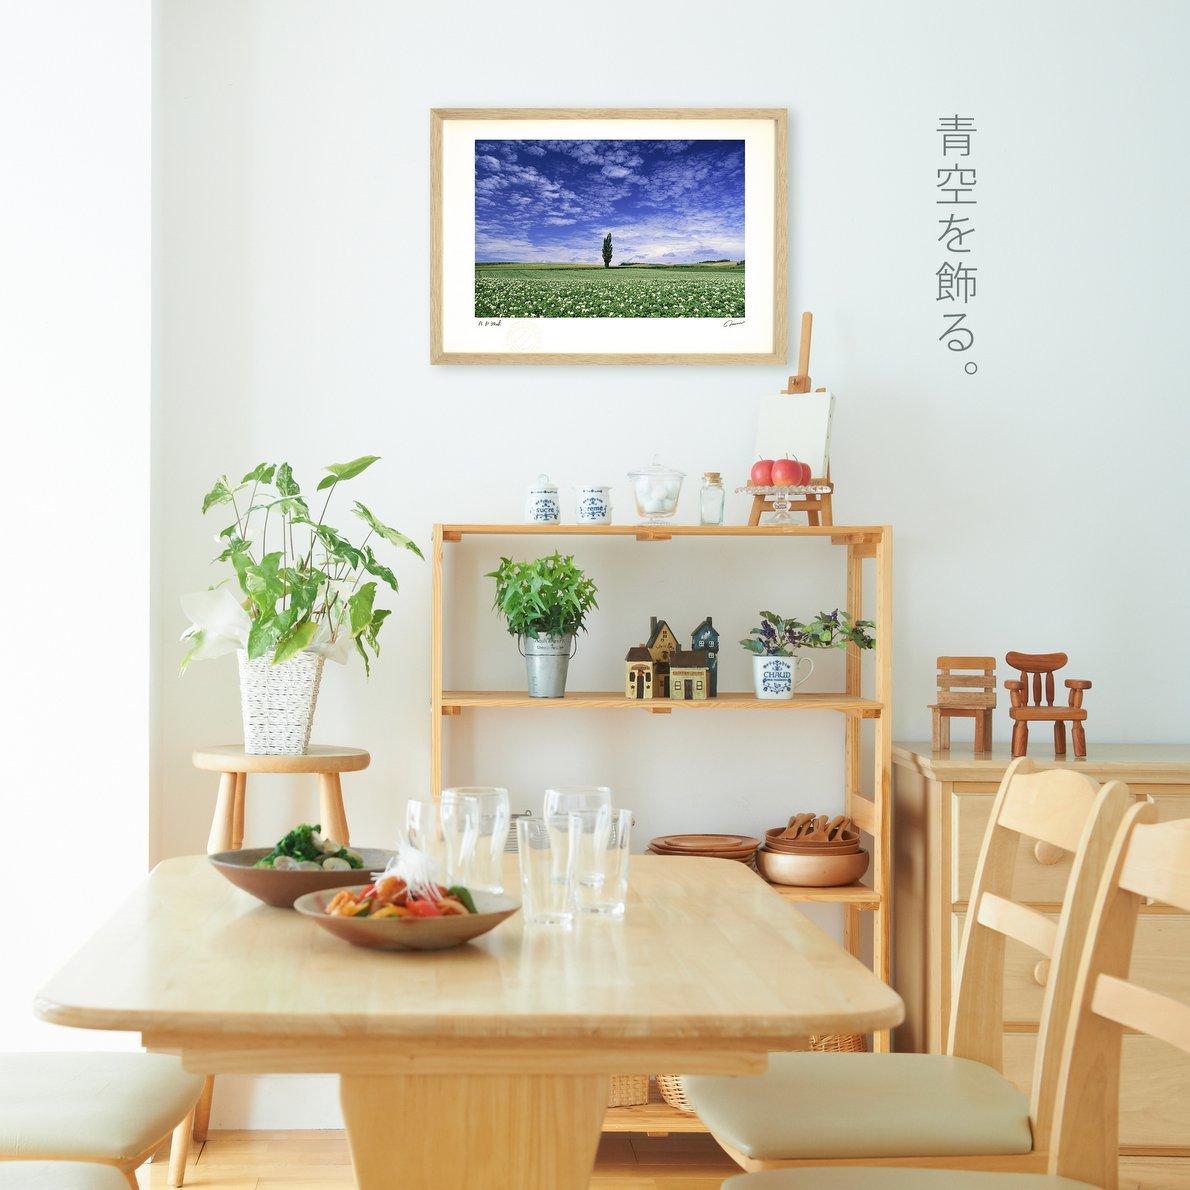 《アートフォト》新緑と桜11/富良野市〔富良野・高橋真澄〕(レンタル対象)